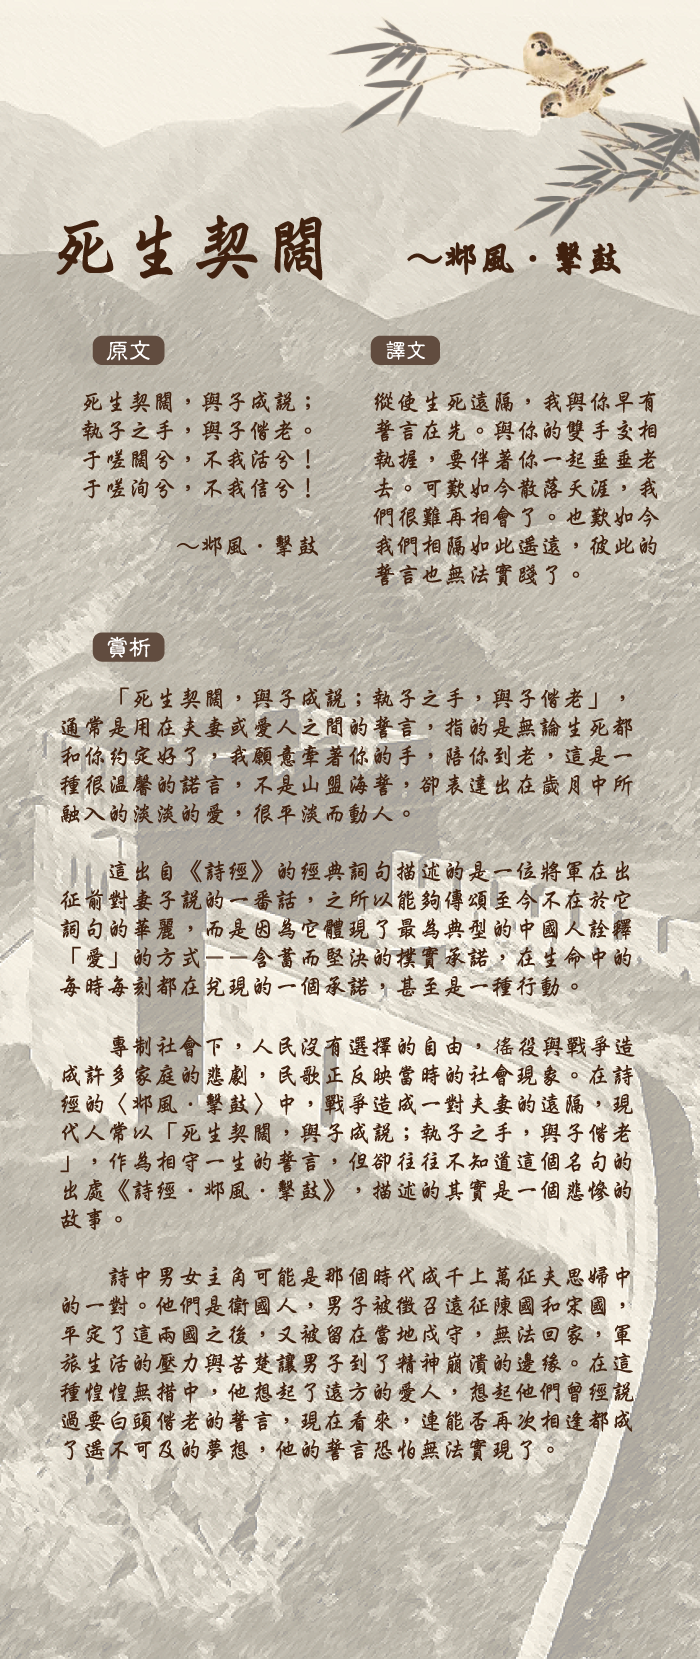 04-死生契闊_rev